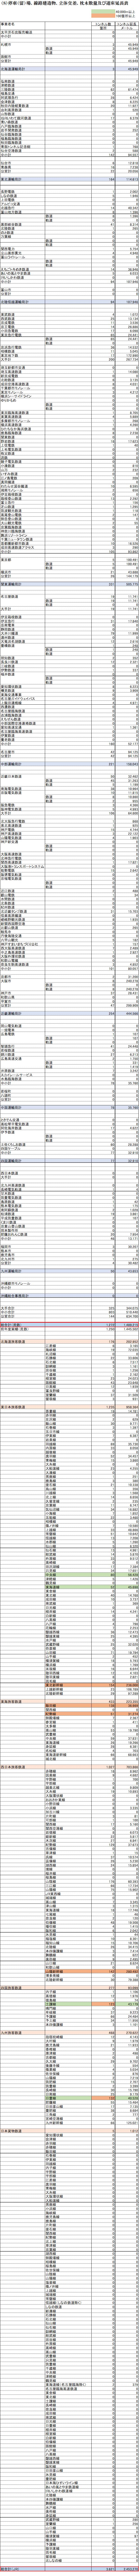 延長別日本の交通用トンネルの一覧